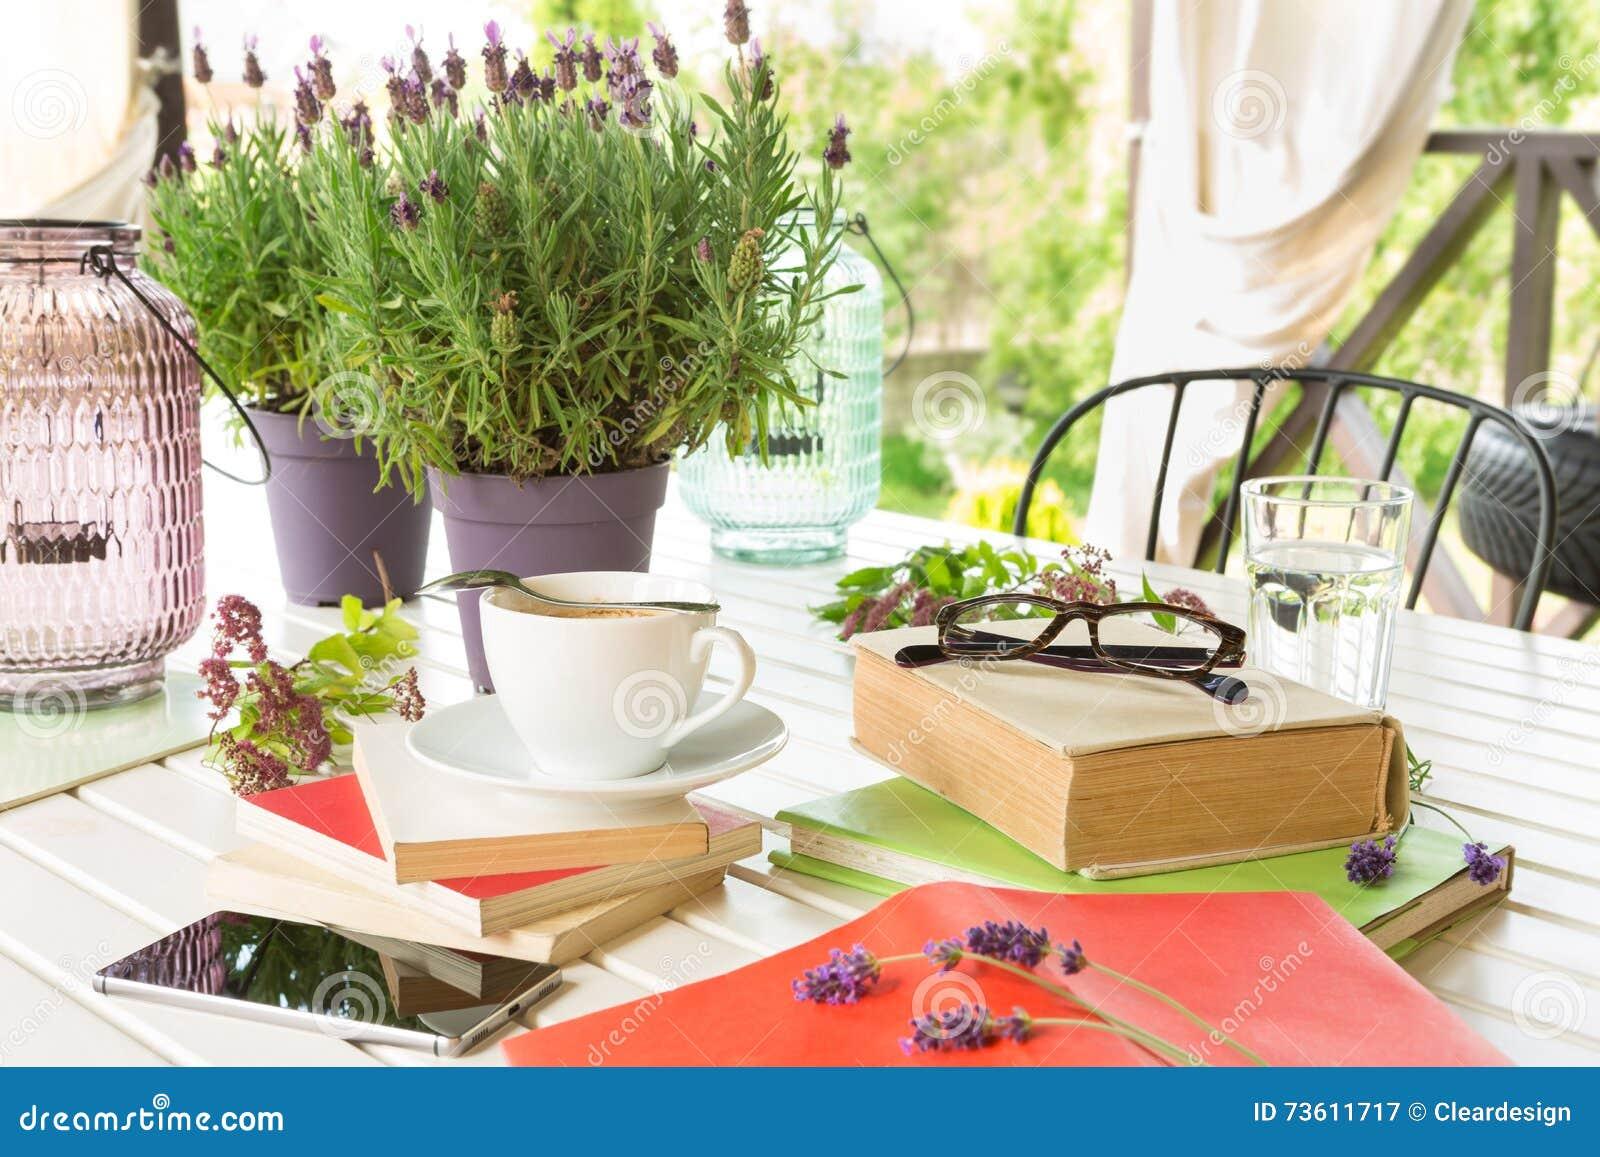 Böcker på den trädgårds- terrassen - avkoppling och läsning